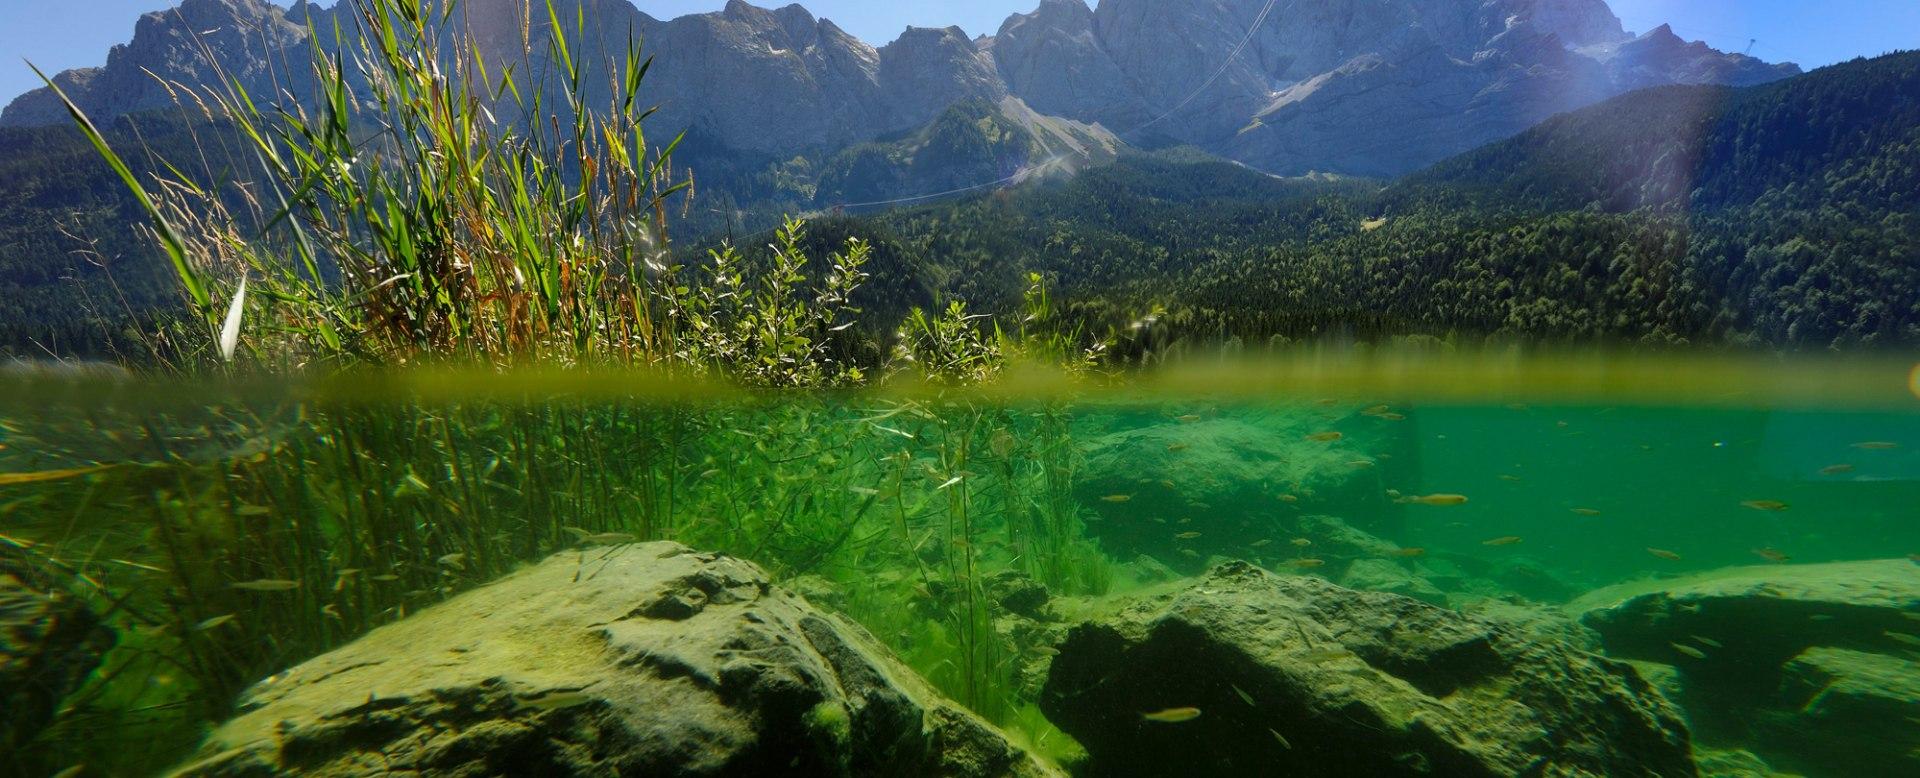 grüner Eibsee, mit Fischen unter Wasser, © Touristinformation Grainau - Foto Ehn